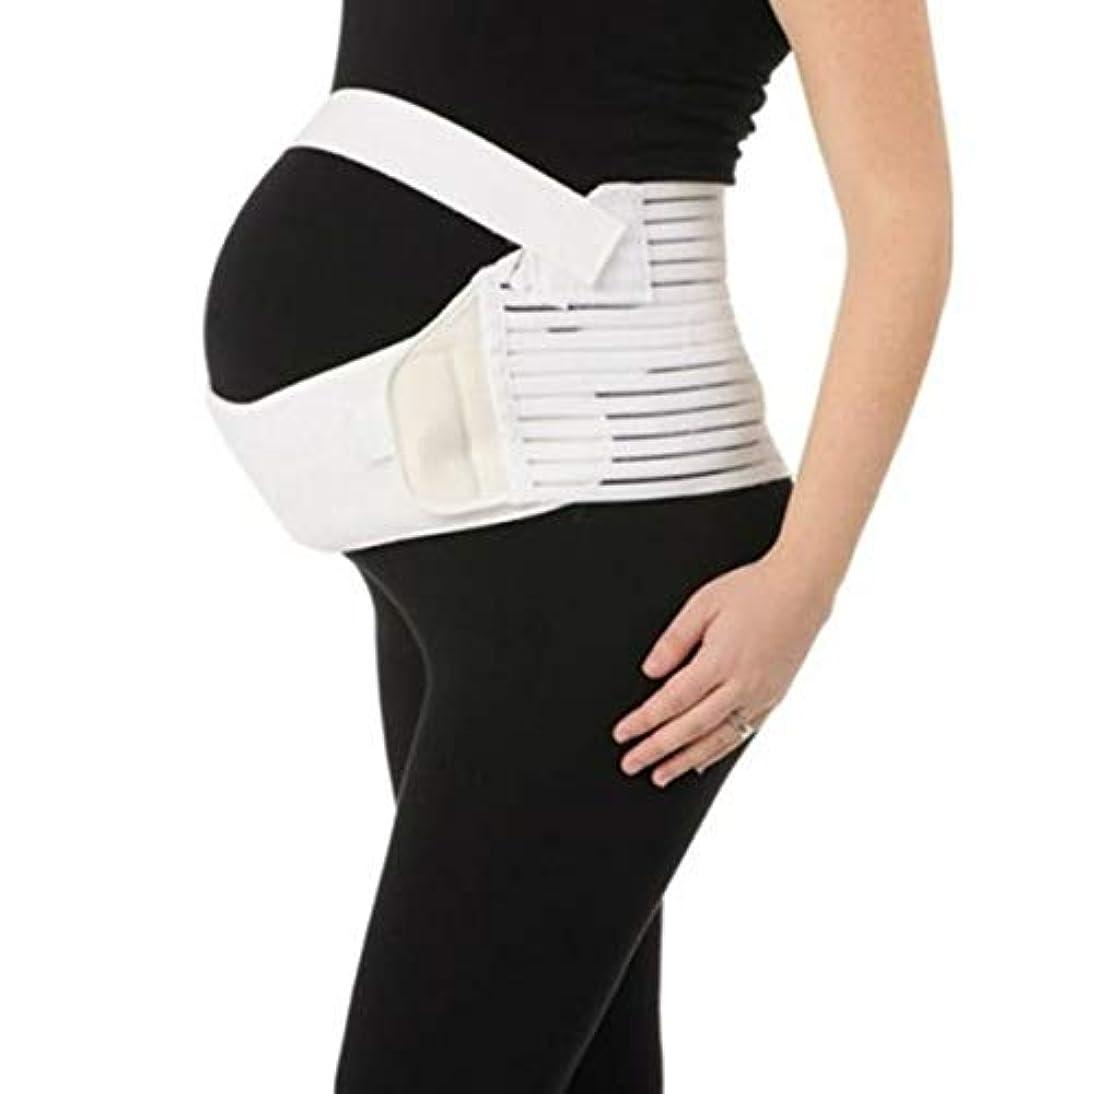 唯物論五月歯科医通気性マタニティベルト妊娠腹部サポート腹部バインダーガードル運動包帯産後の回復shapewear - ホワイトL